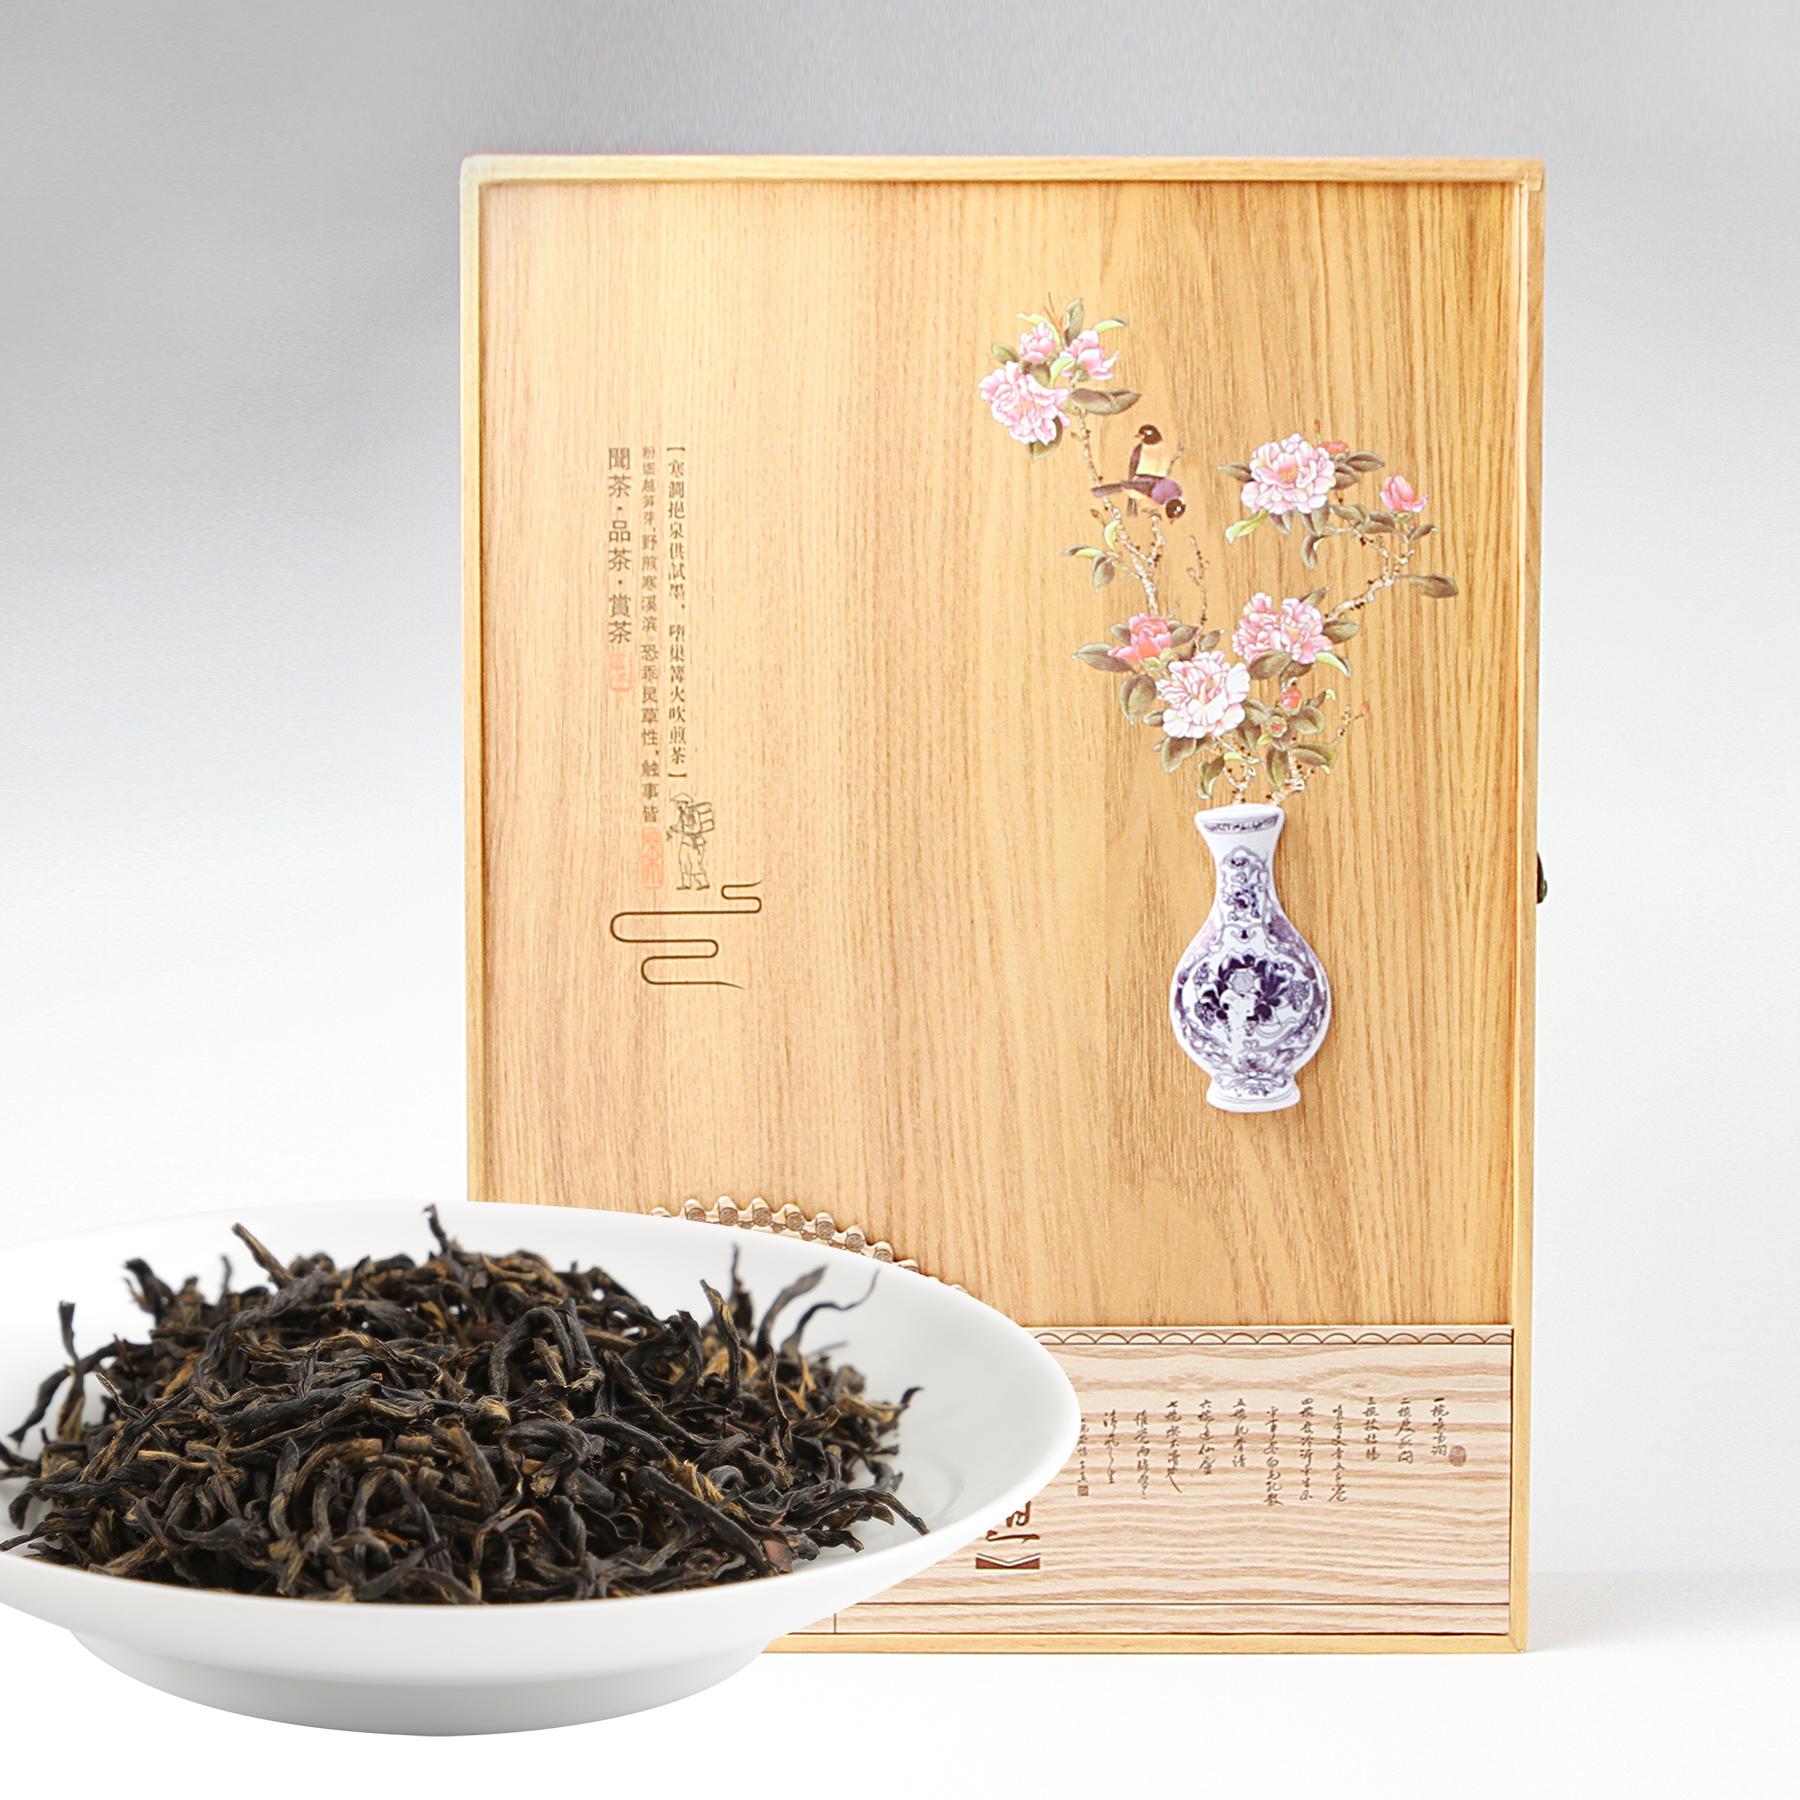 特级祁门红茶(2017)红茶价格1112元/斤